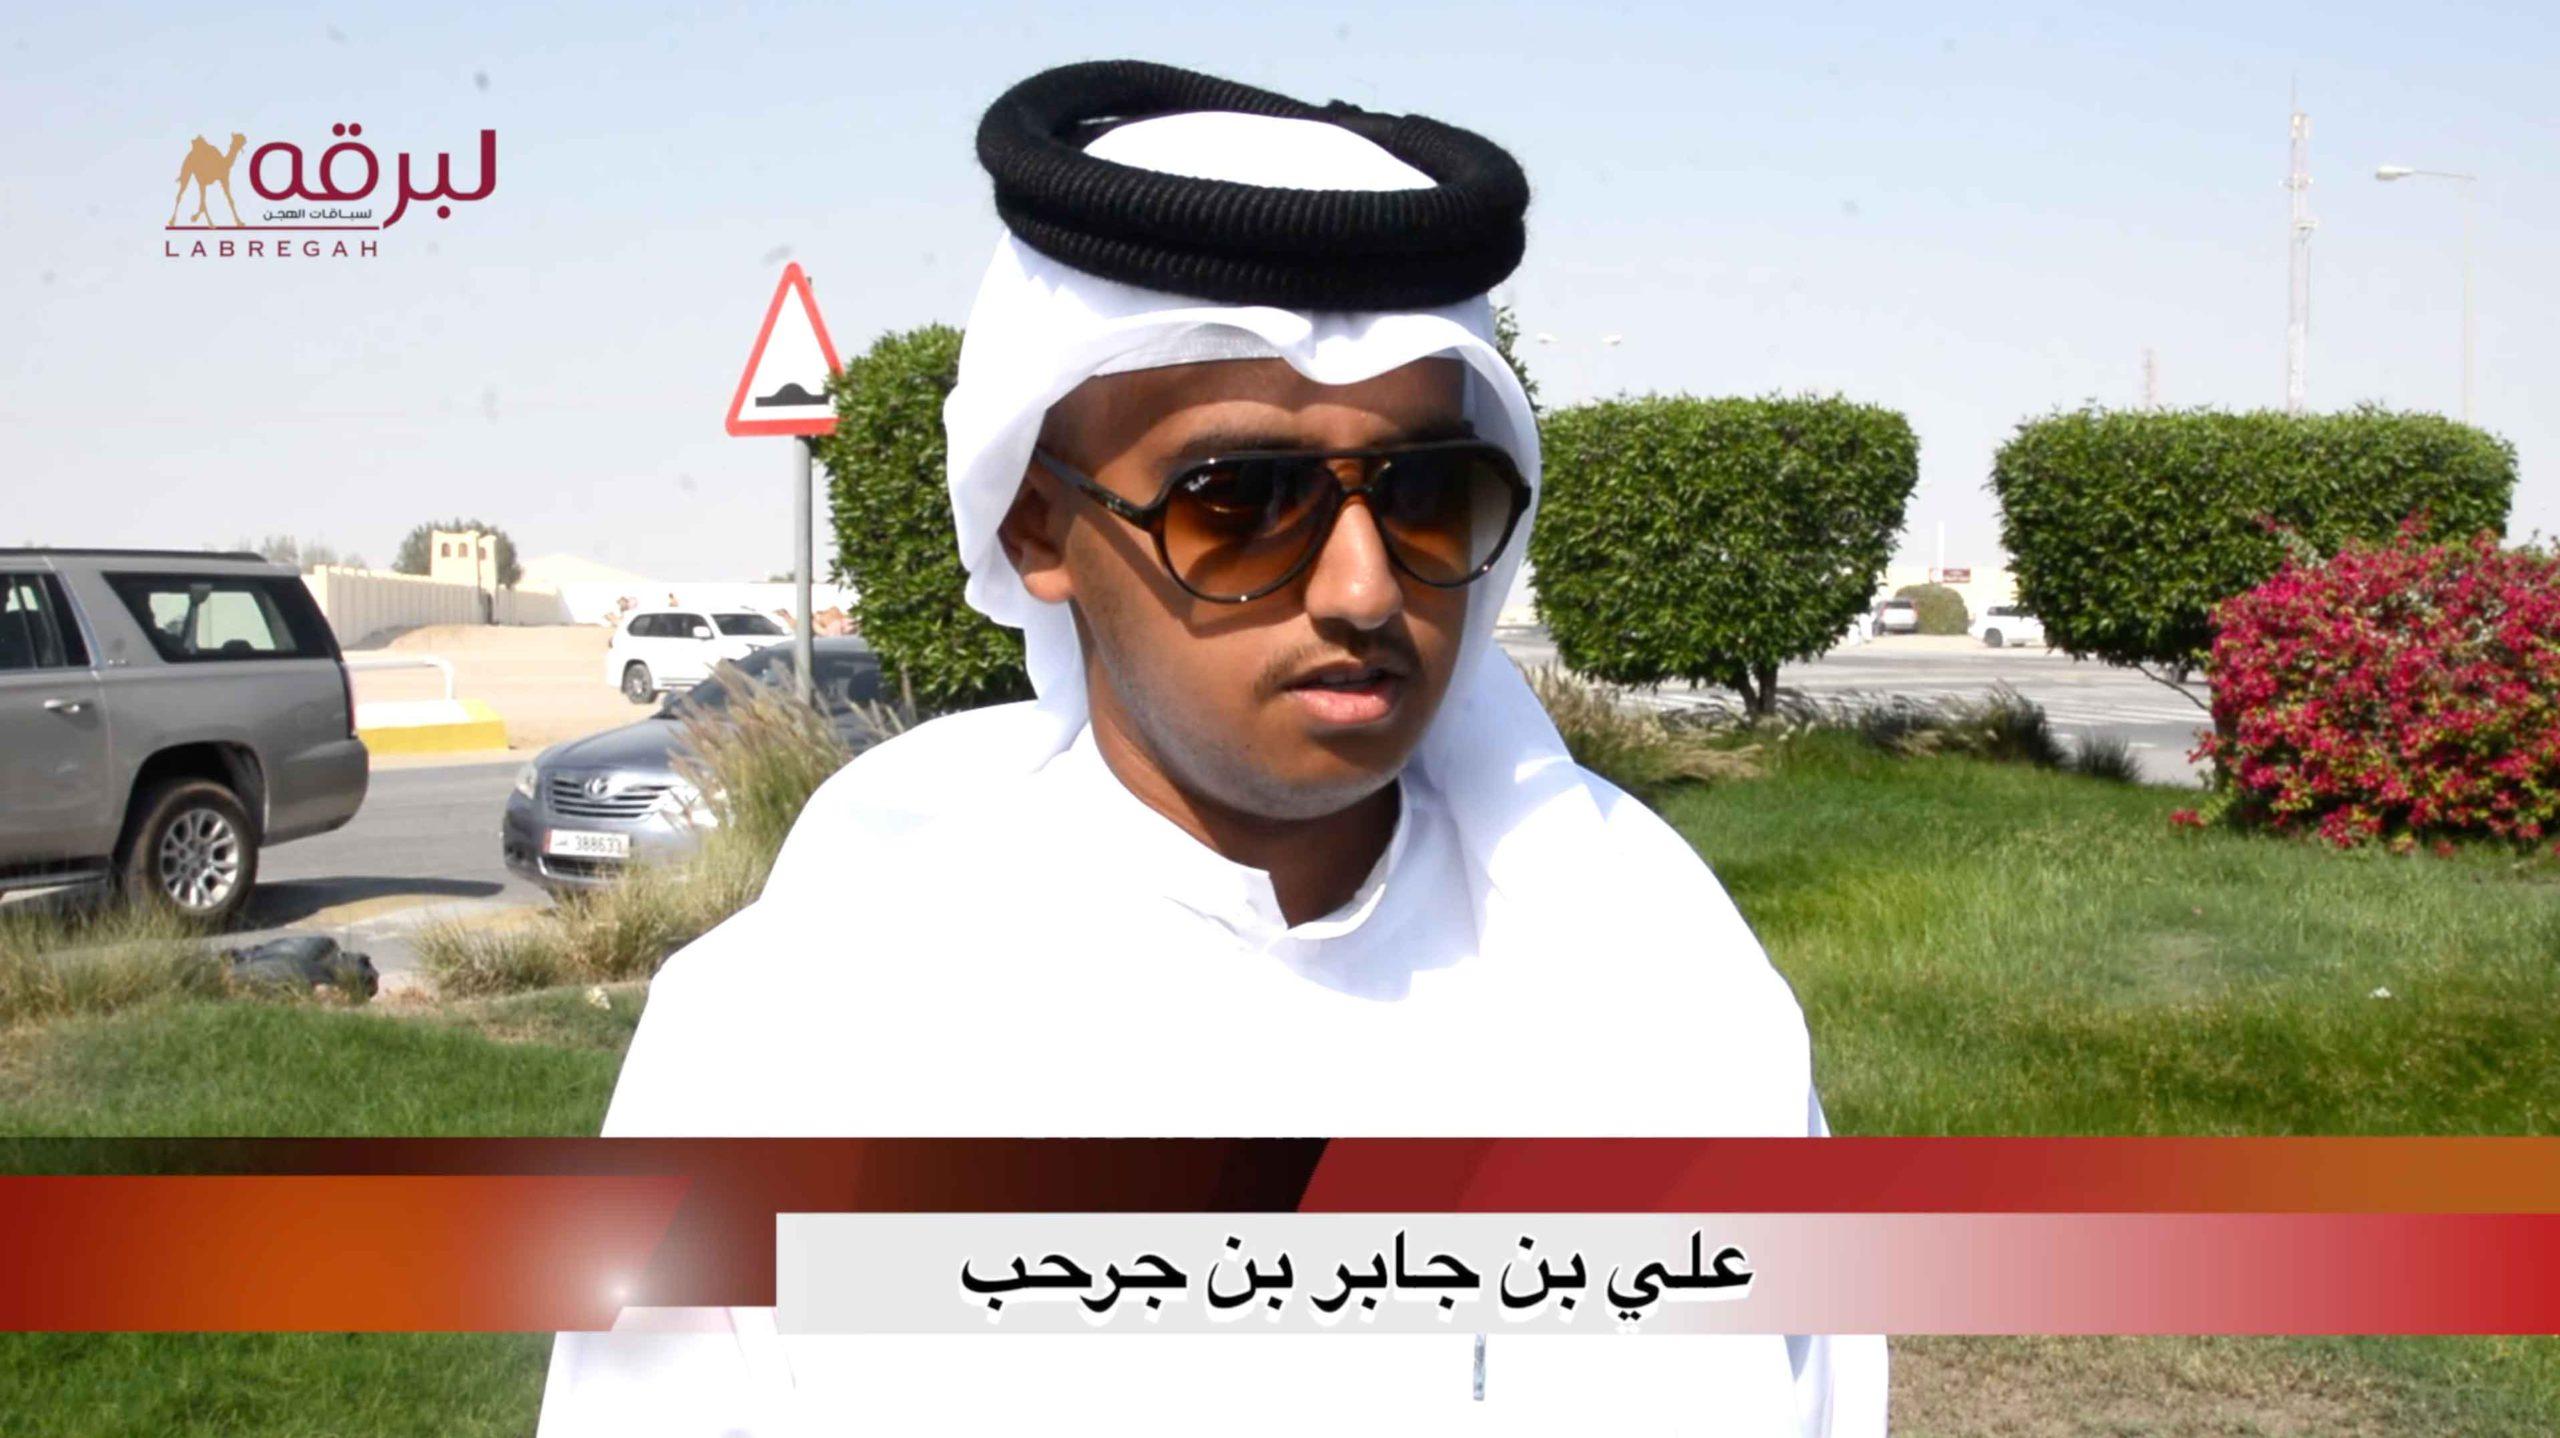 لقاء مع علي بن جابر بن جرحب.. الشوط الرئيسي للثنايا بكار مفتوح بالأشواط المفتوحة ١٣-١١-٢٠٢٠